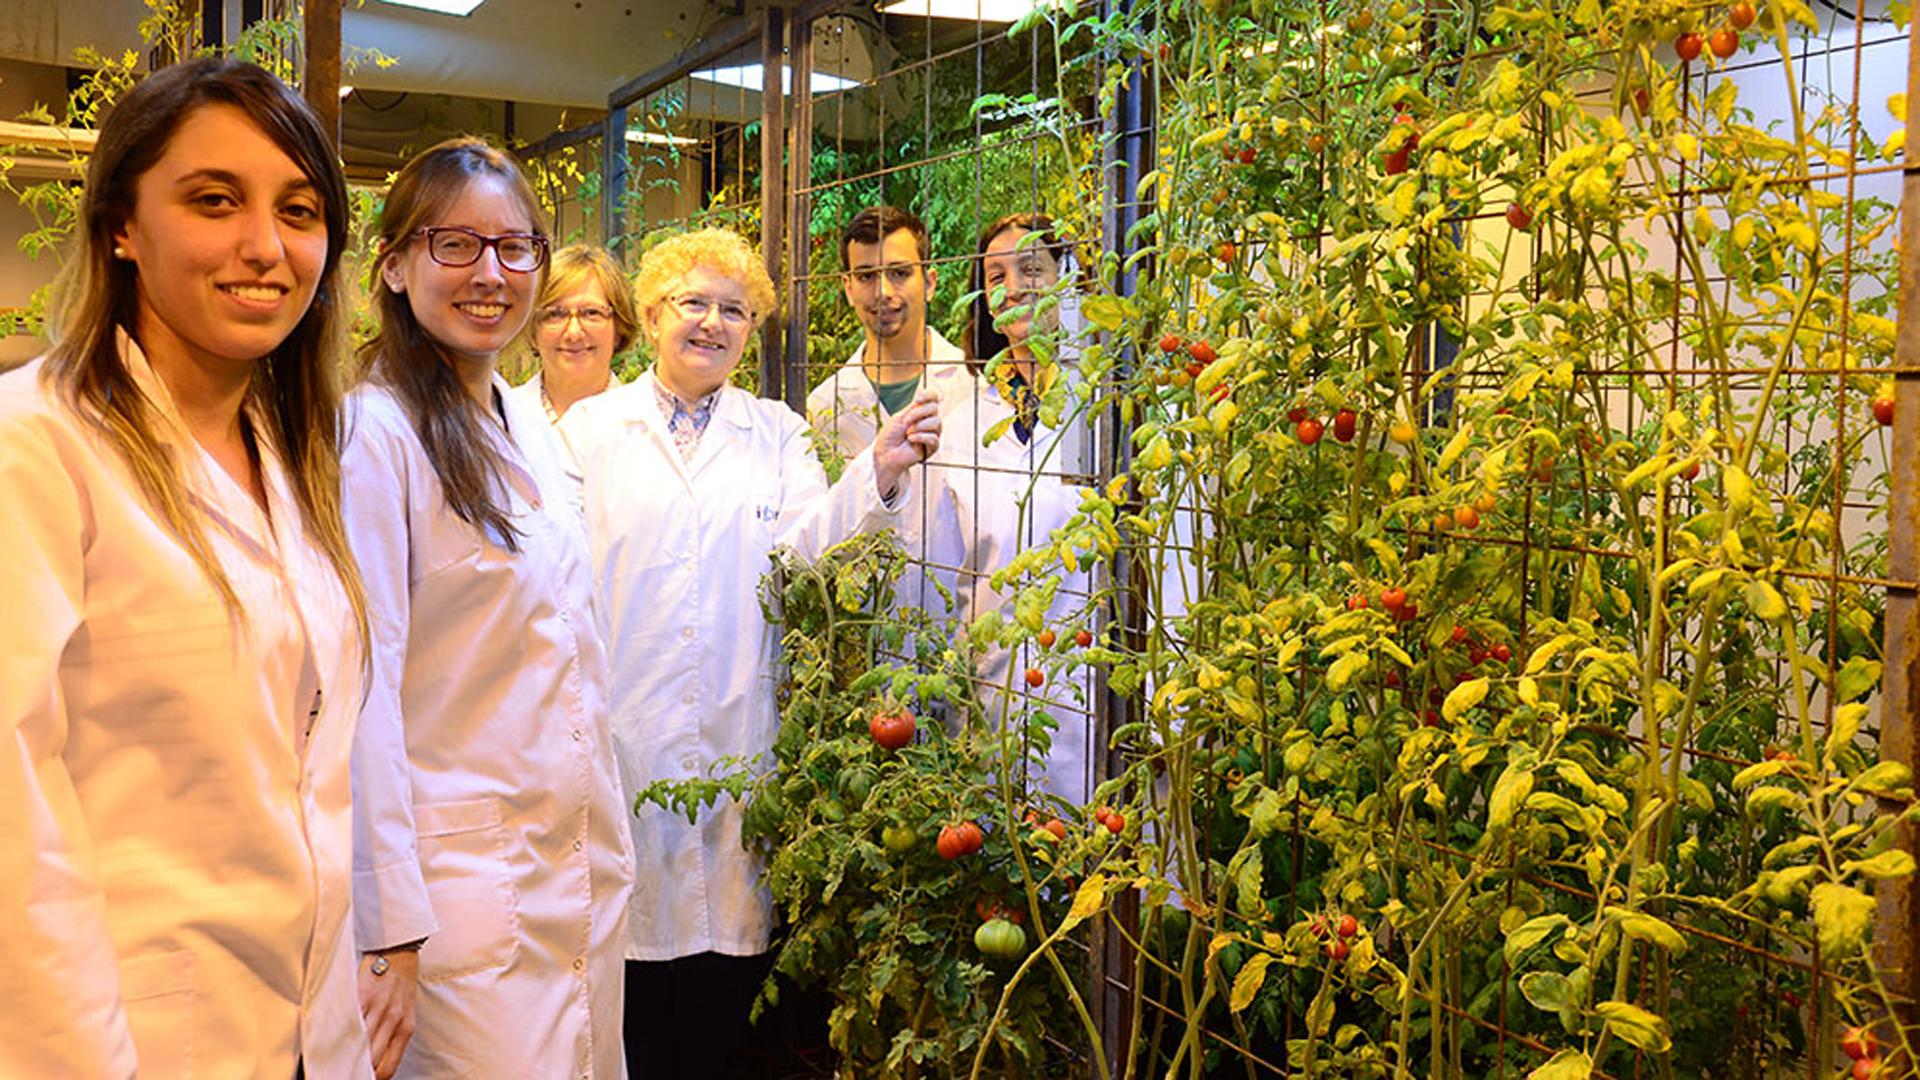 Científicos del Conicet encontraron la forma de poder cosechar tomates frescos y naturales durante todo el año sin tener perdidas durante la época invernal (CONICET Rosario)